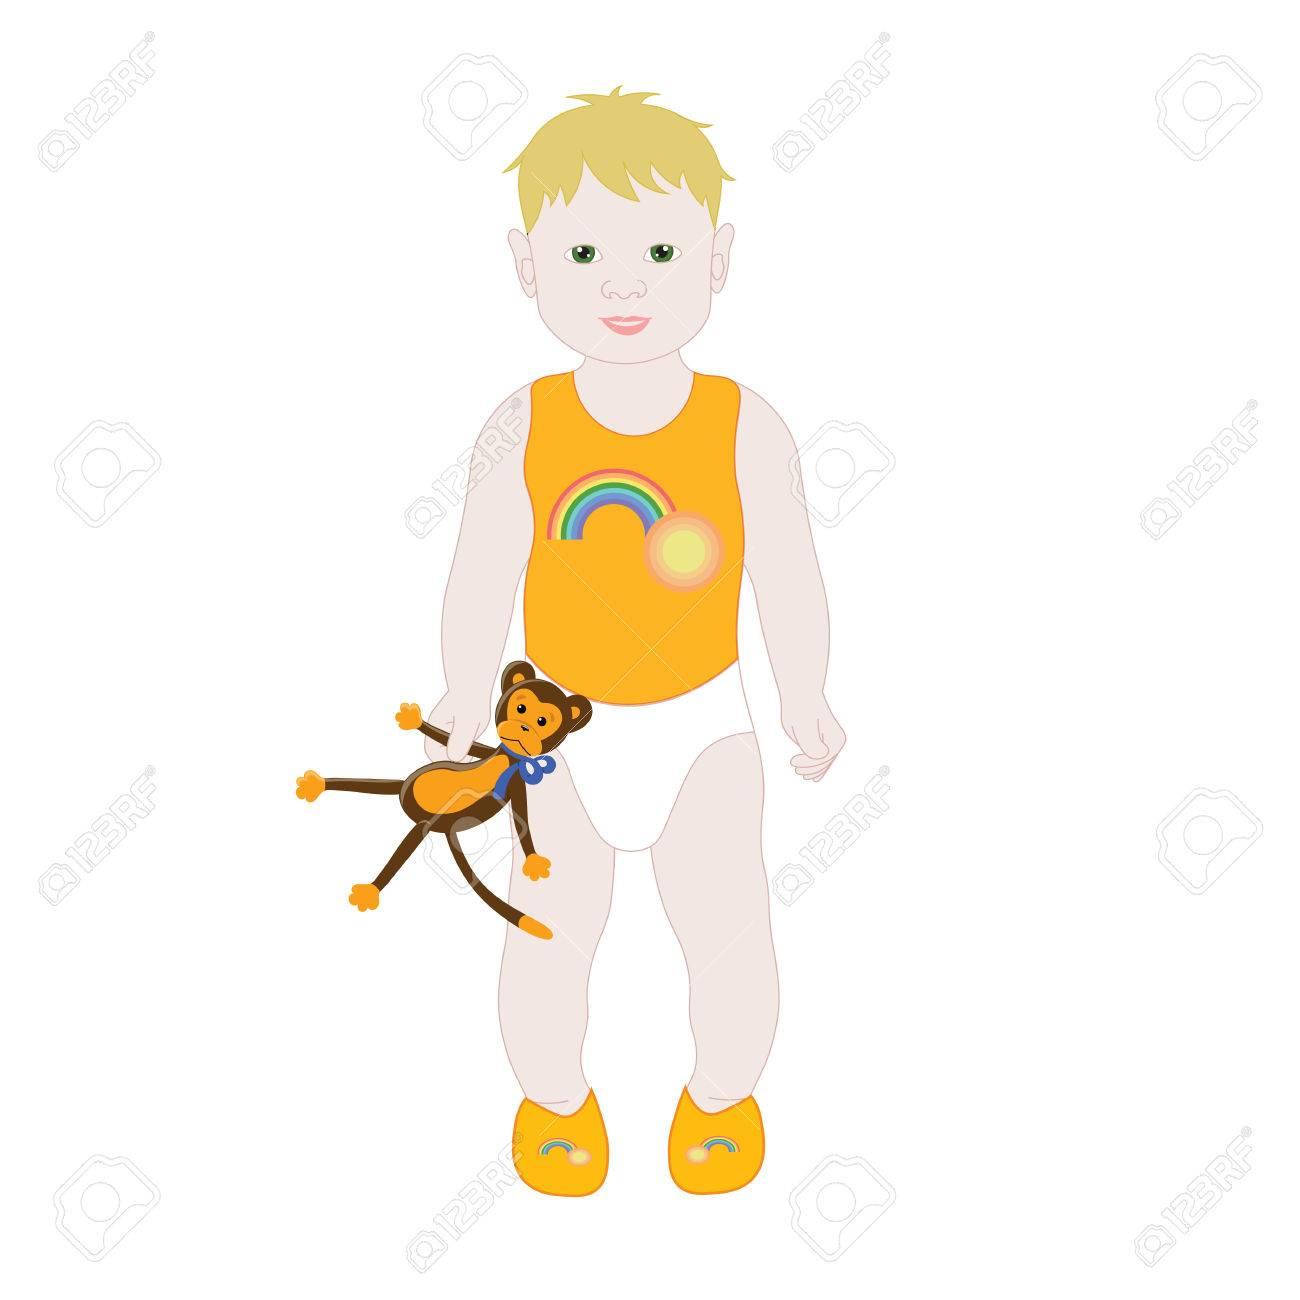 Un Lindo Y Pequeño Al Niño En Pañales Y Una Camiseta Con El Mono De ...